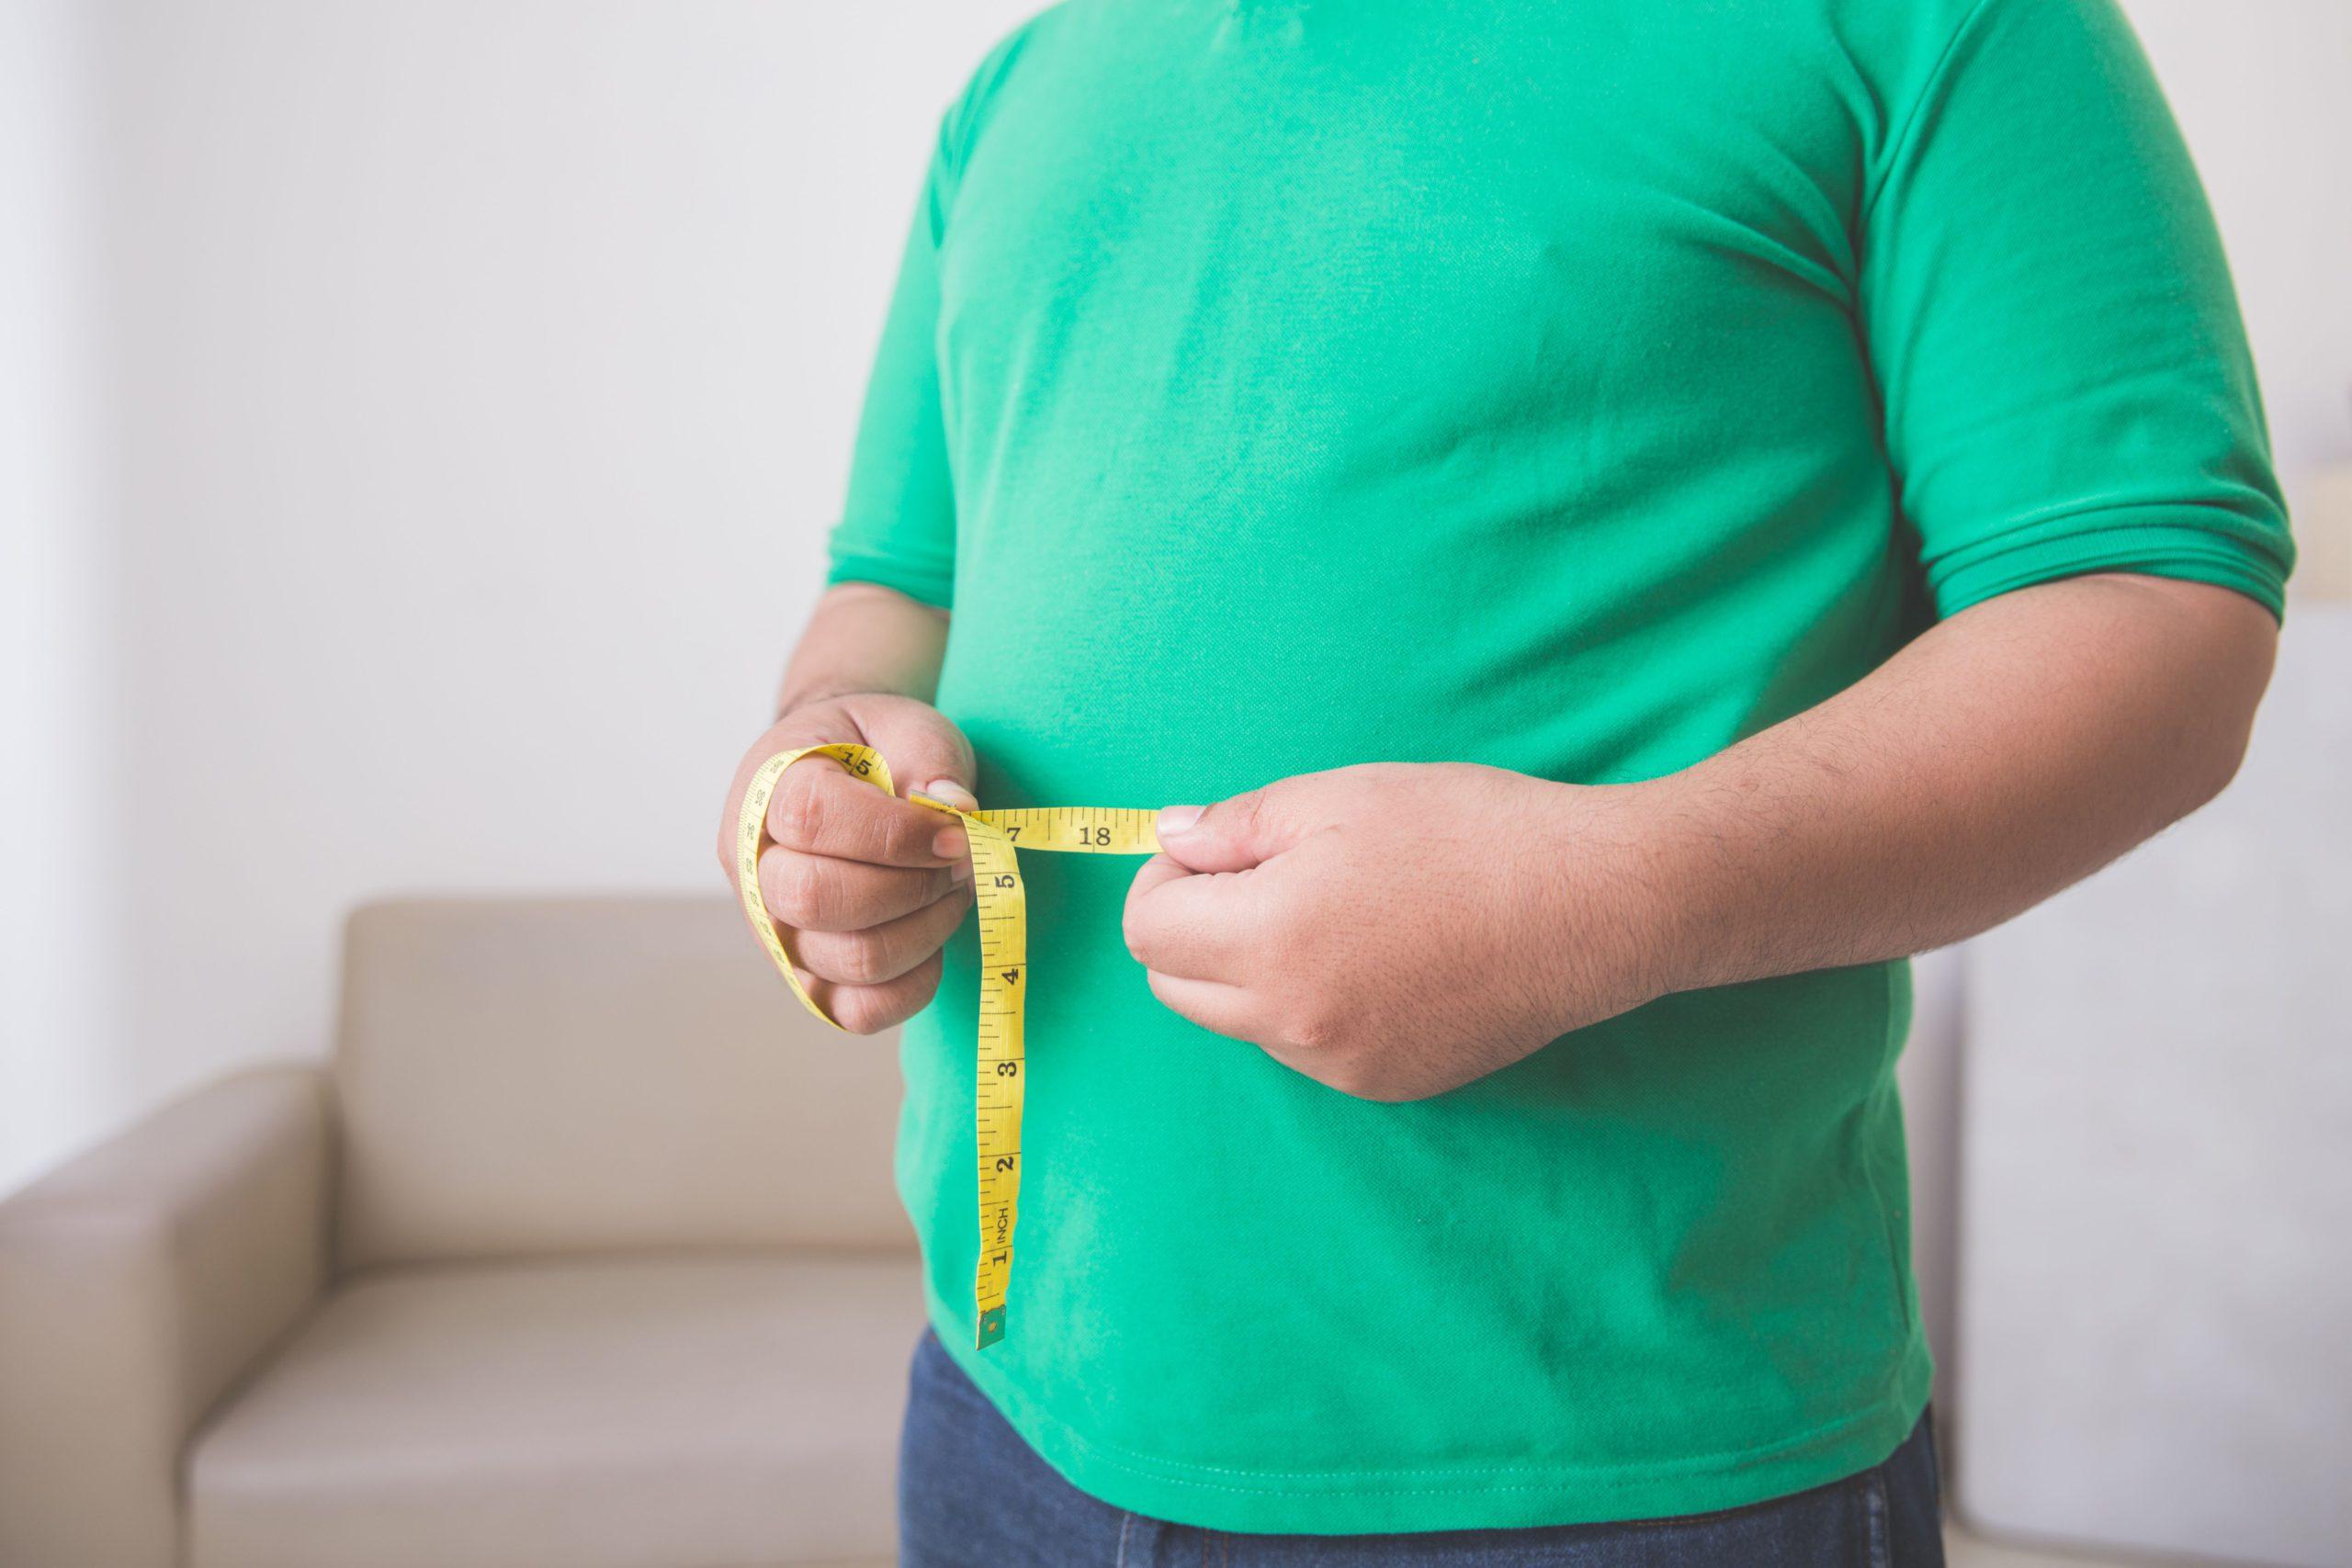 Obesidade masculina: tem relação com a queda da testosterona?- por: Dra. Iara Sant' Ana